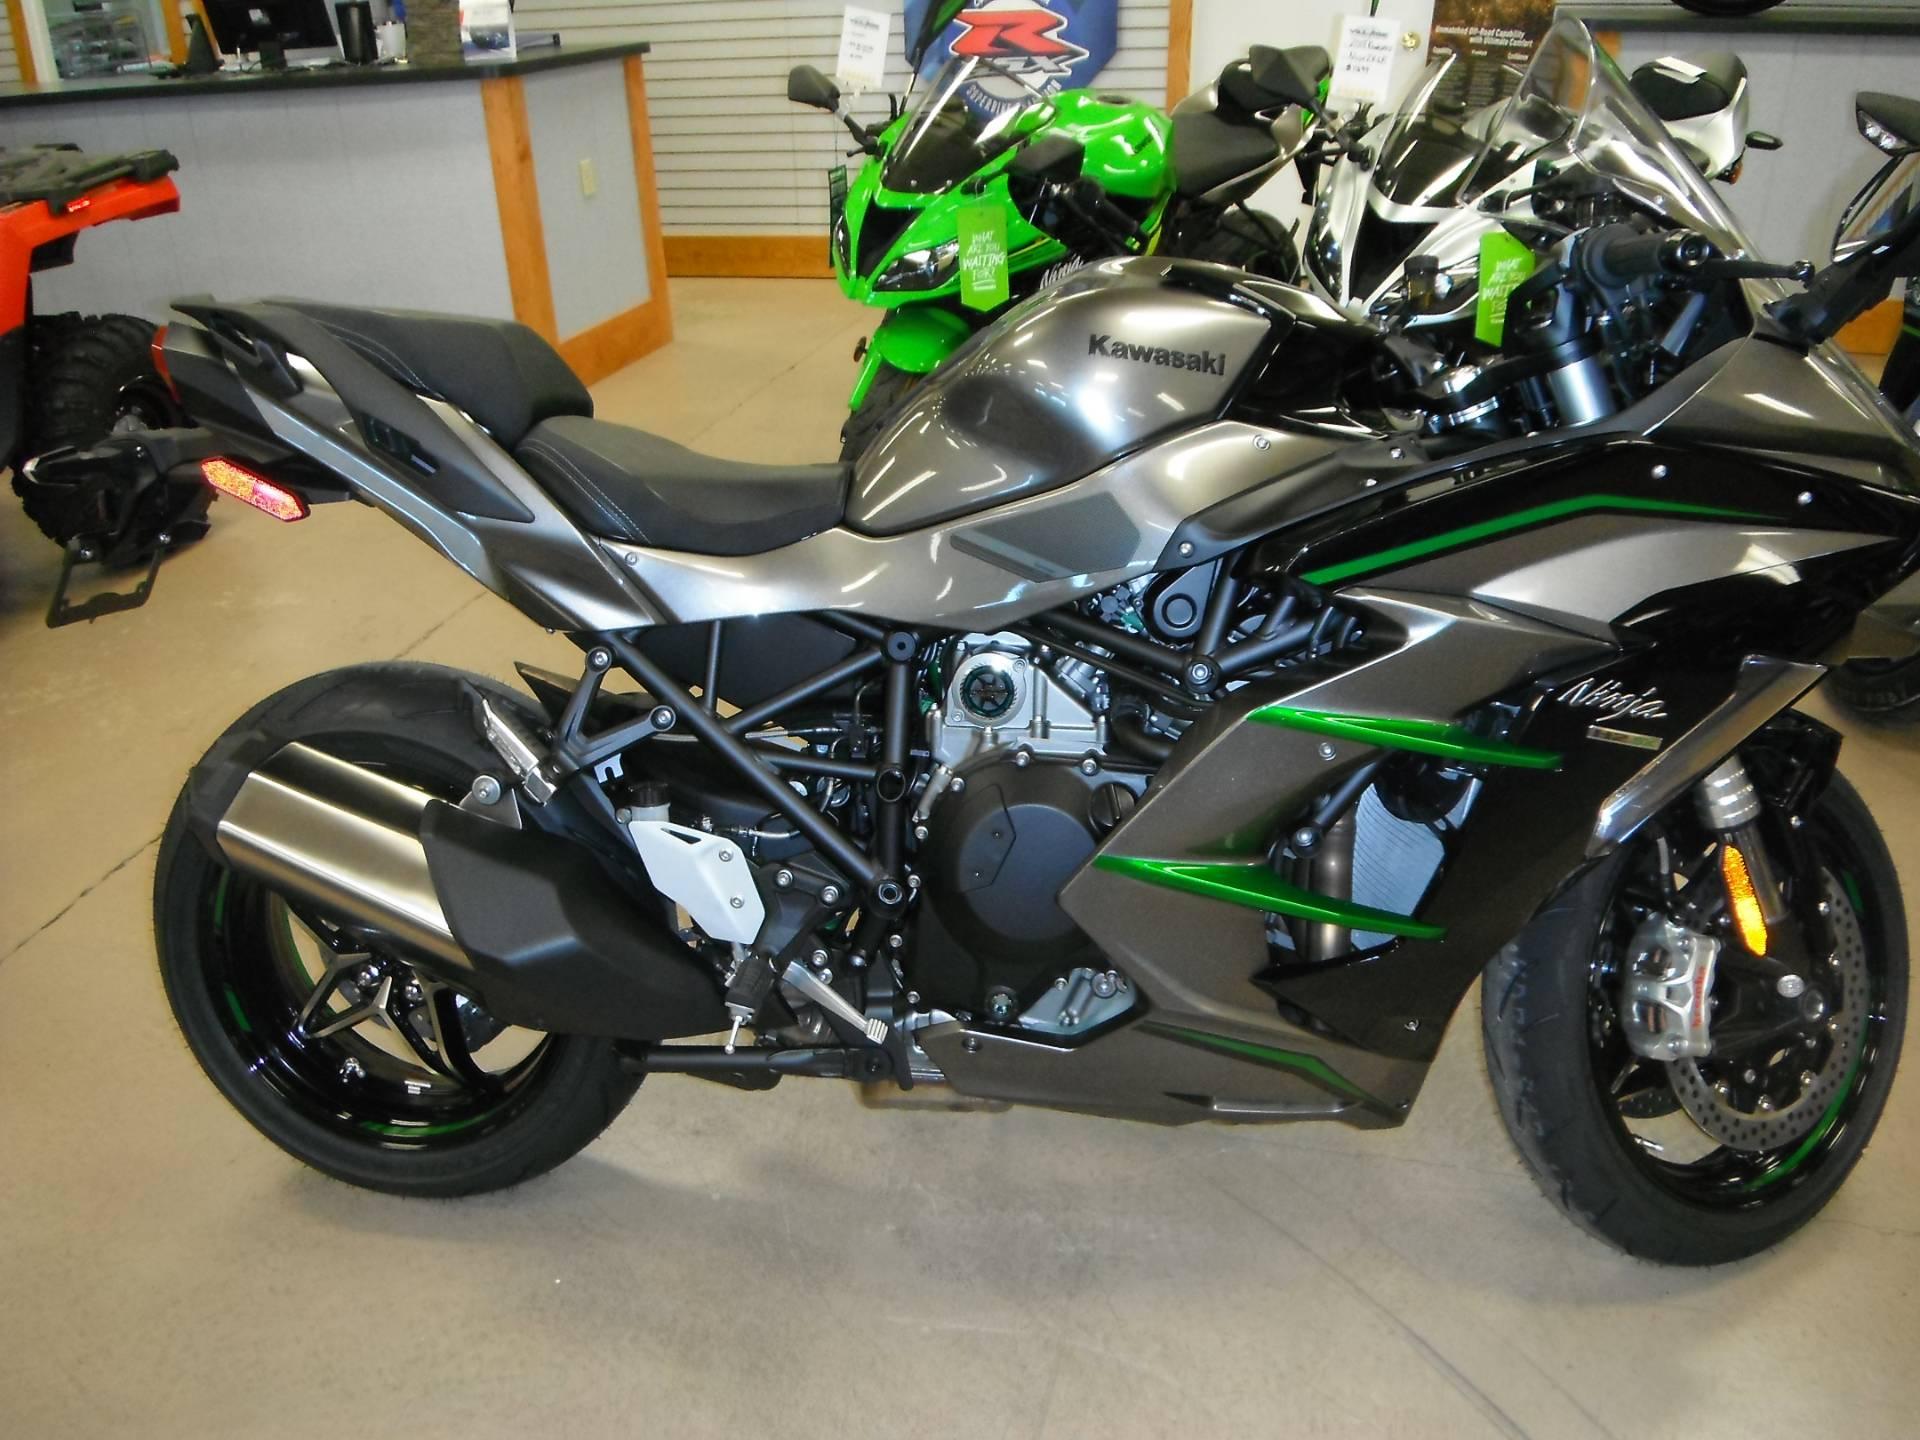 2019 Kawasaki Ninja H2 Sx Se Motorcycles Unionville Virginia